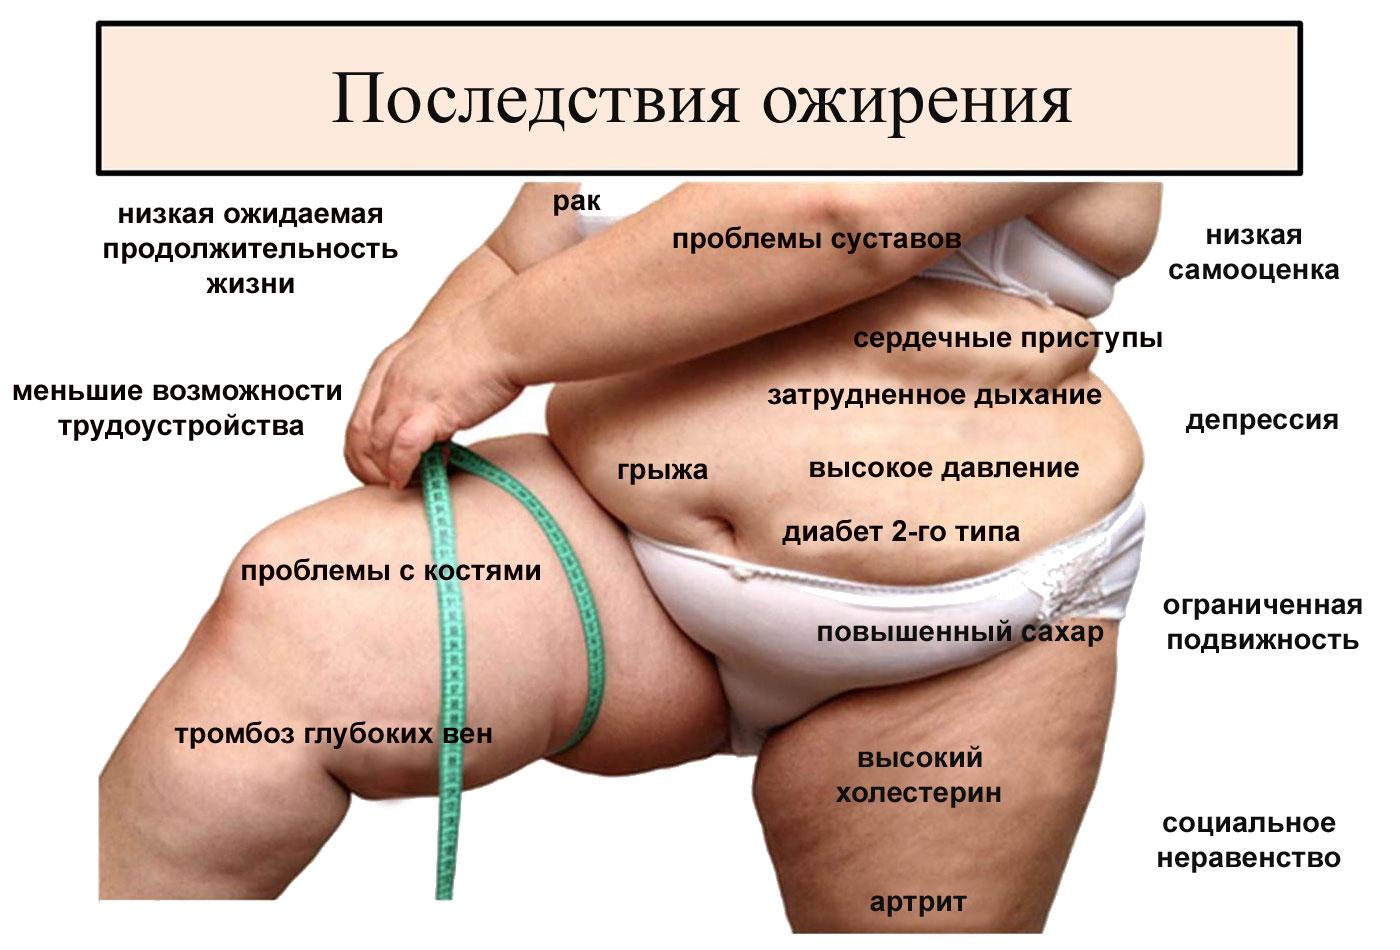 Весомая проблема: найдена связь между коронавирусом и ожирением